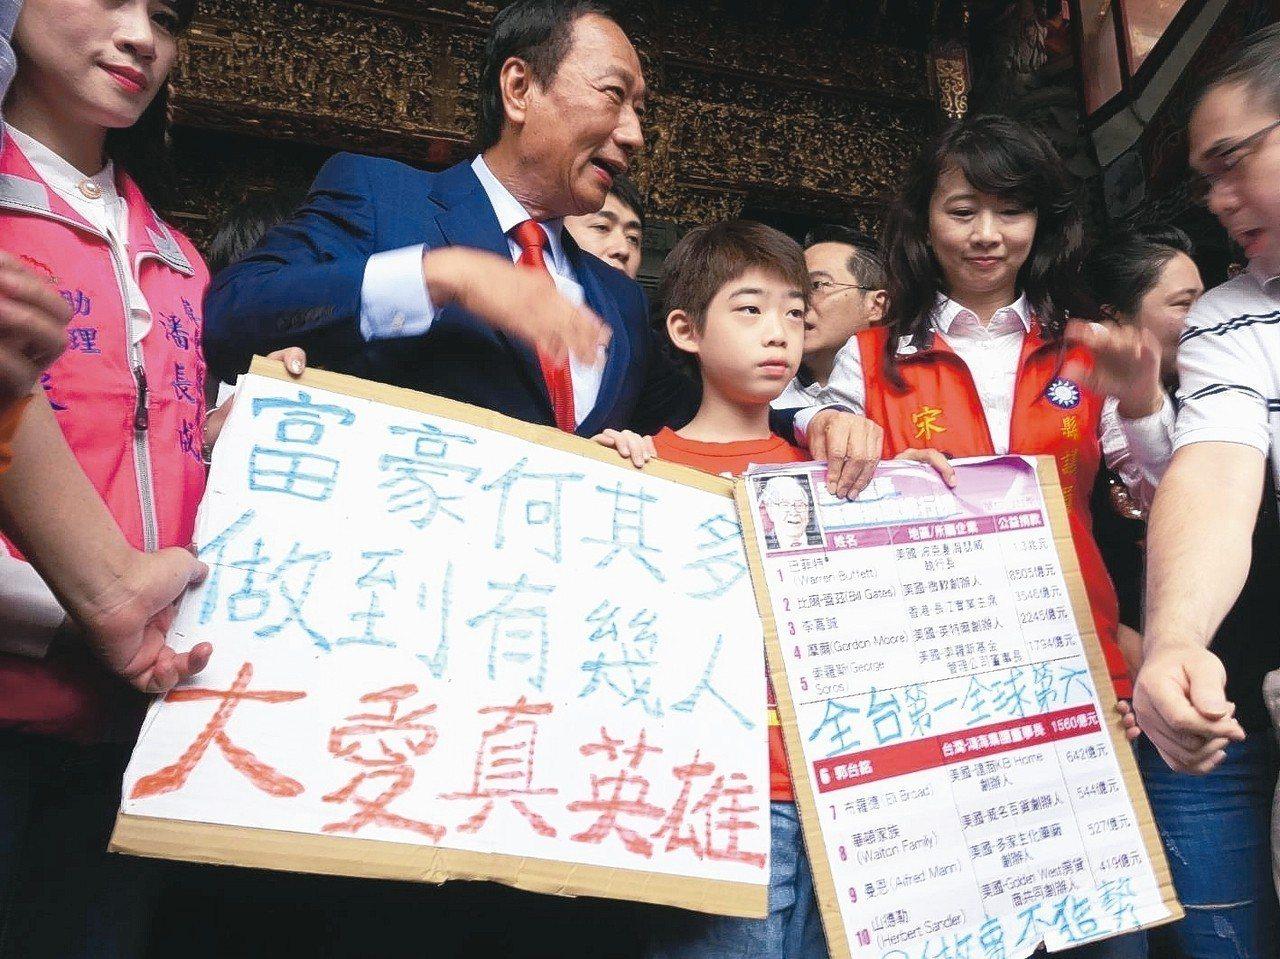 國民黨總統參選人郭台銘今天到屏東,支持者舉牌熱烈歡迎。 記者翁禎霞/攝影